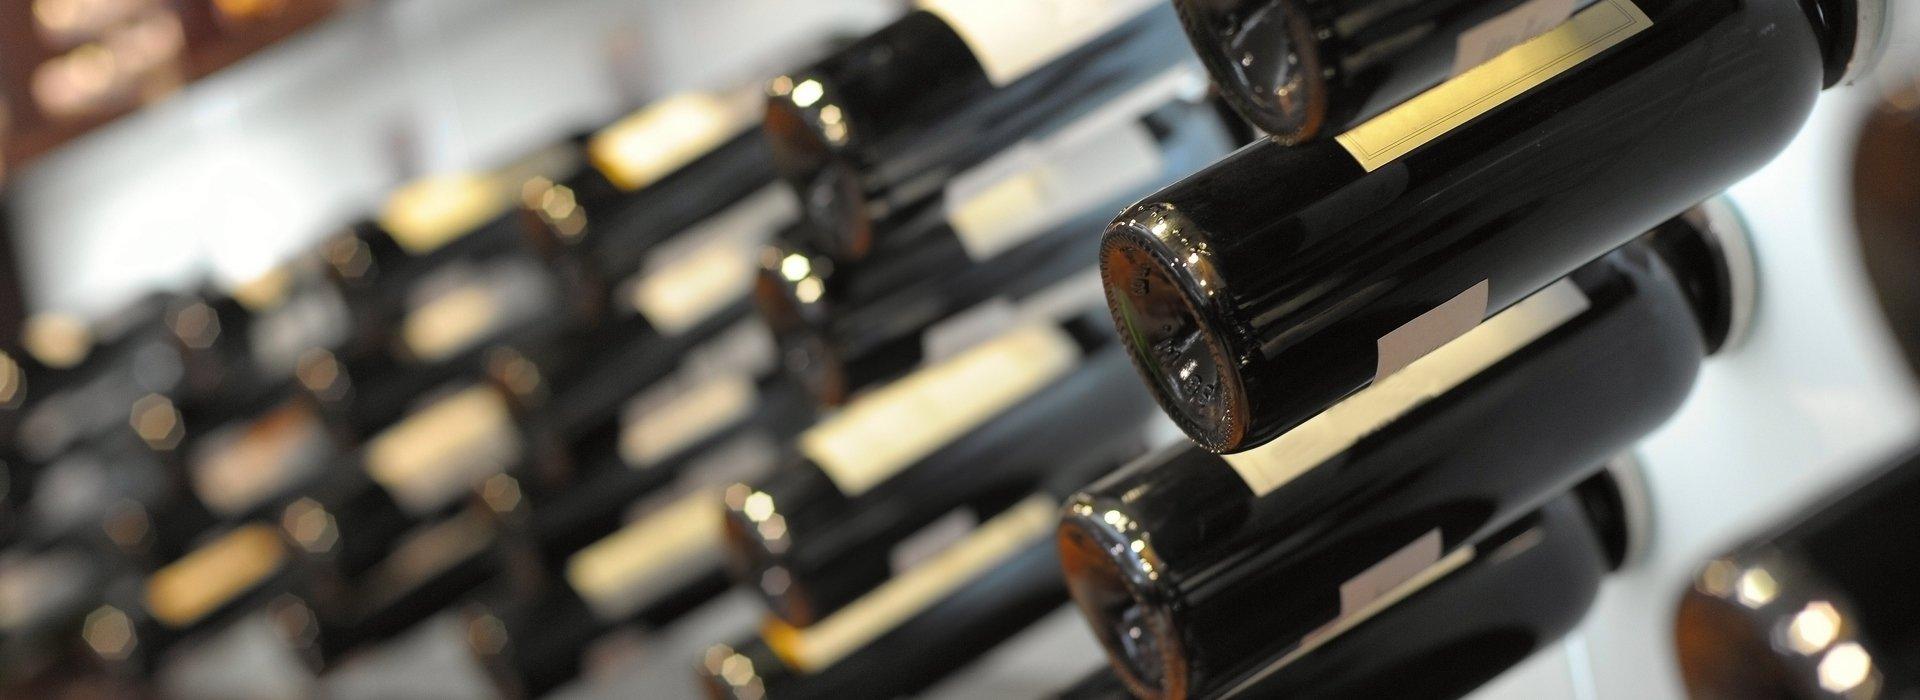 Budapest Wine specialists